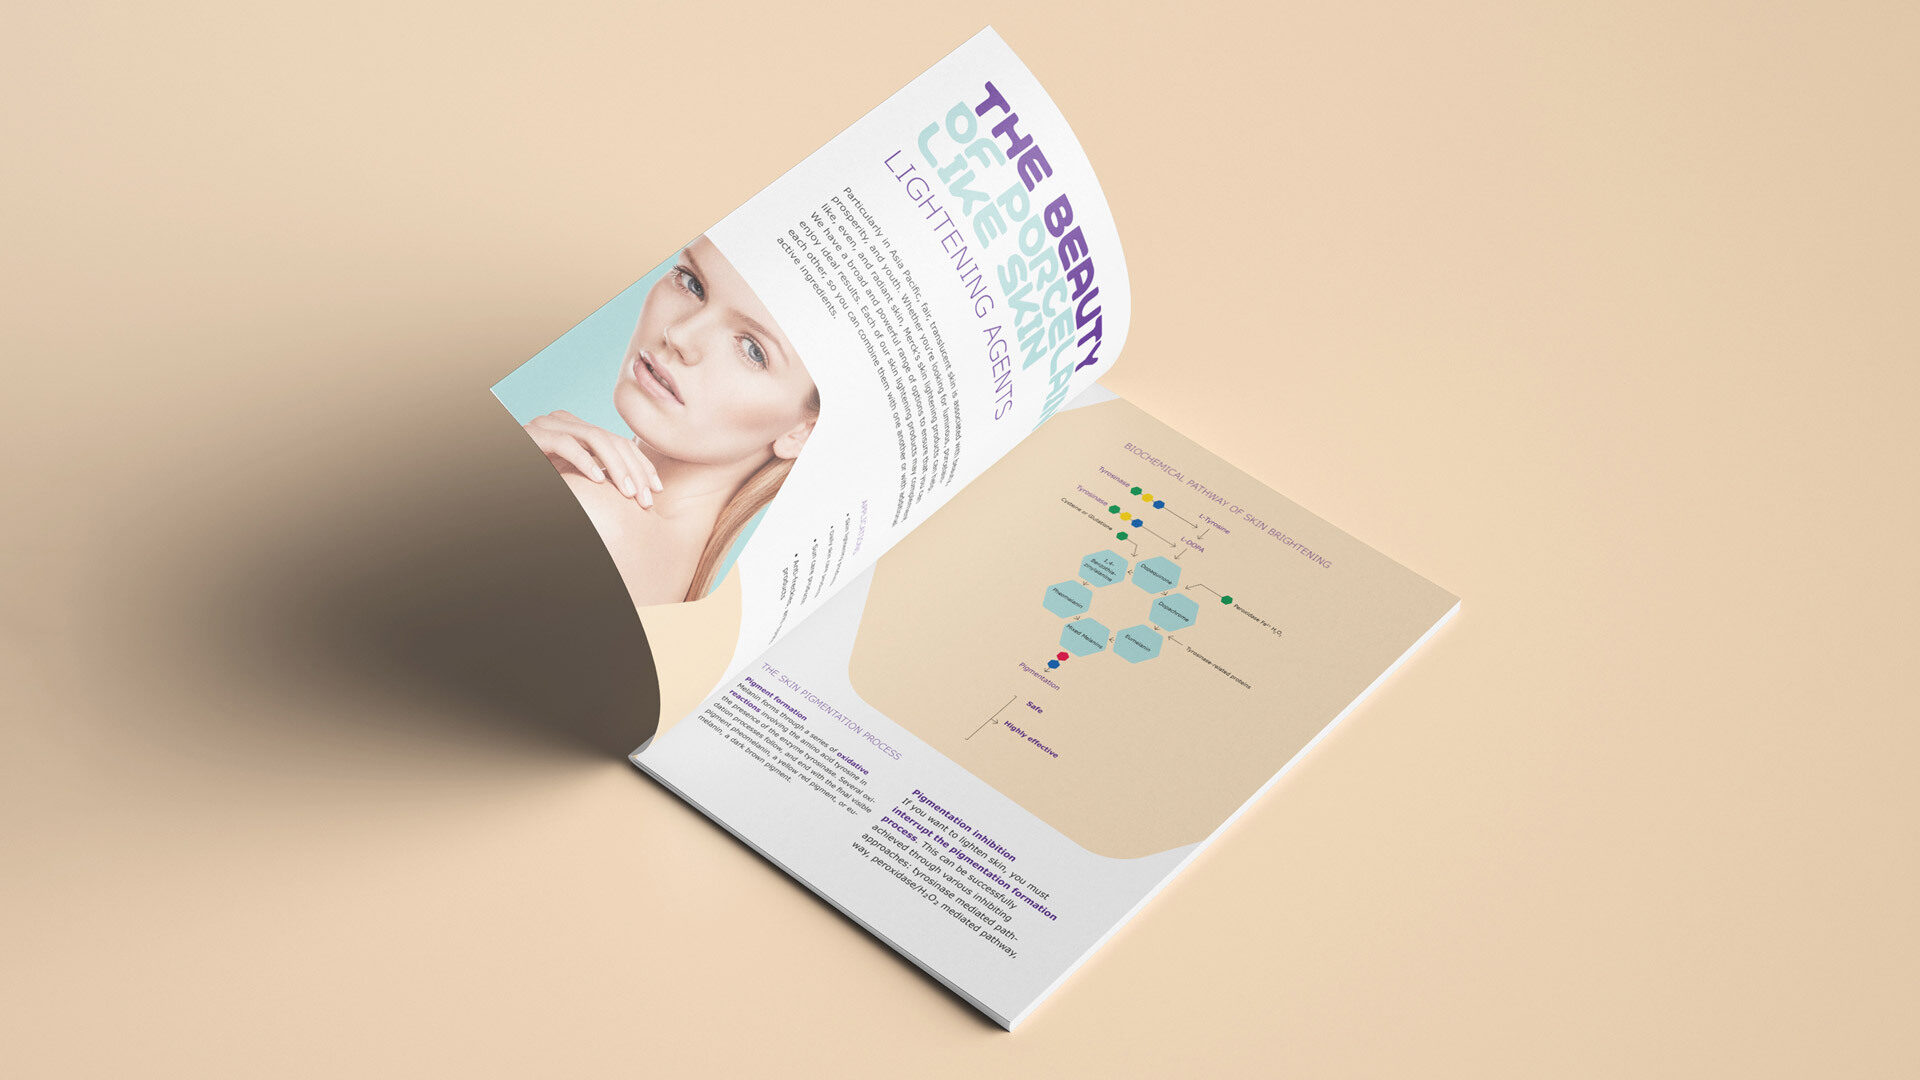 Aufgeschlagene Broschüre mit Beautyportait einer Frau und eine Infografik auf beigem Hintergrund